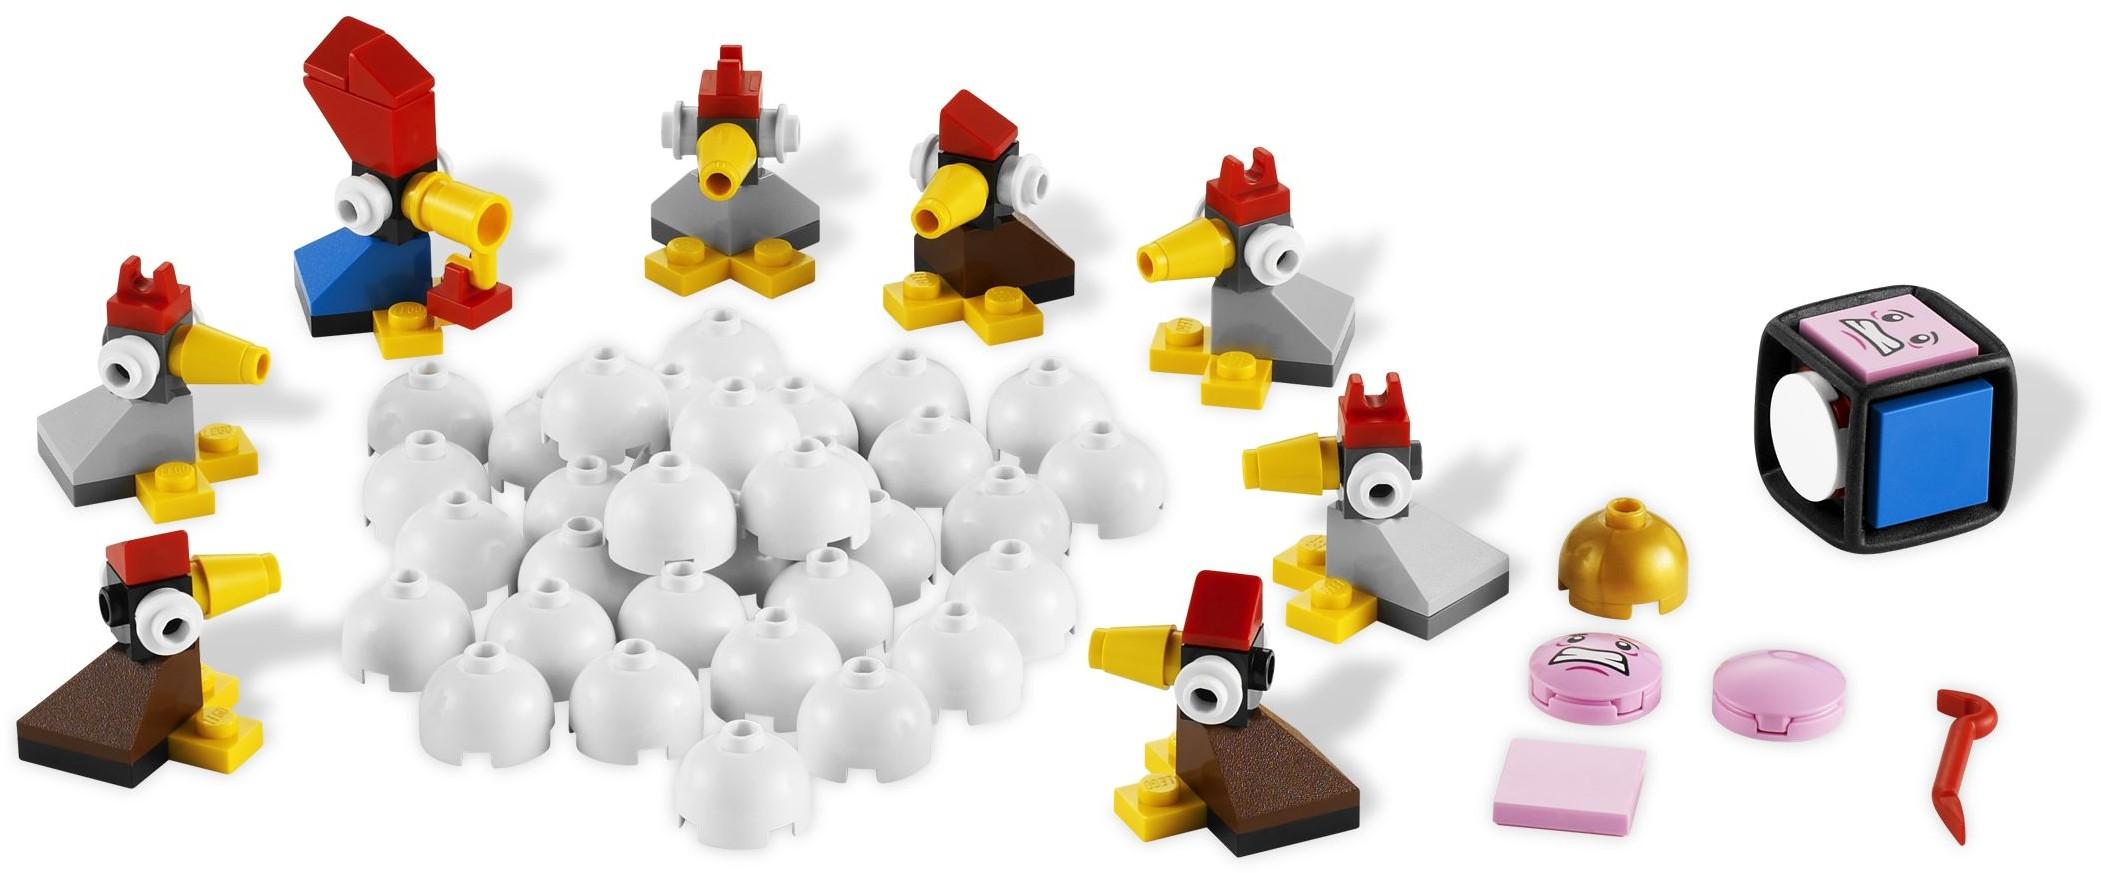 2012   Brickset: LEGO set guide and database